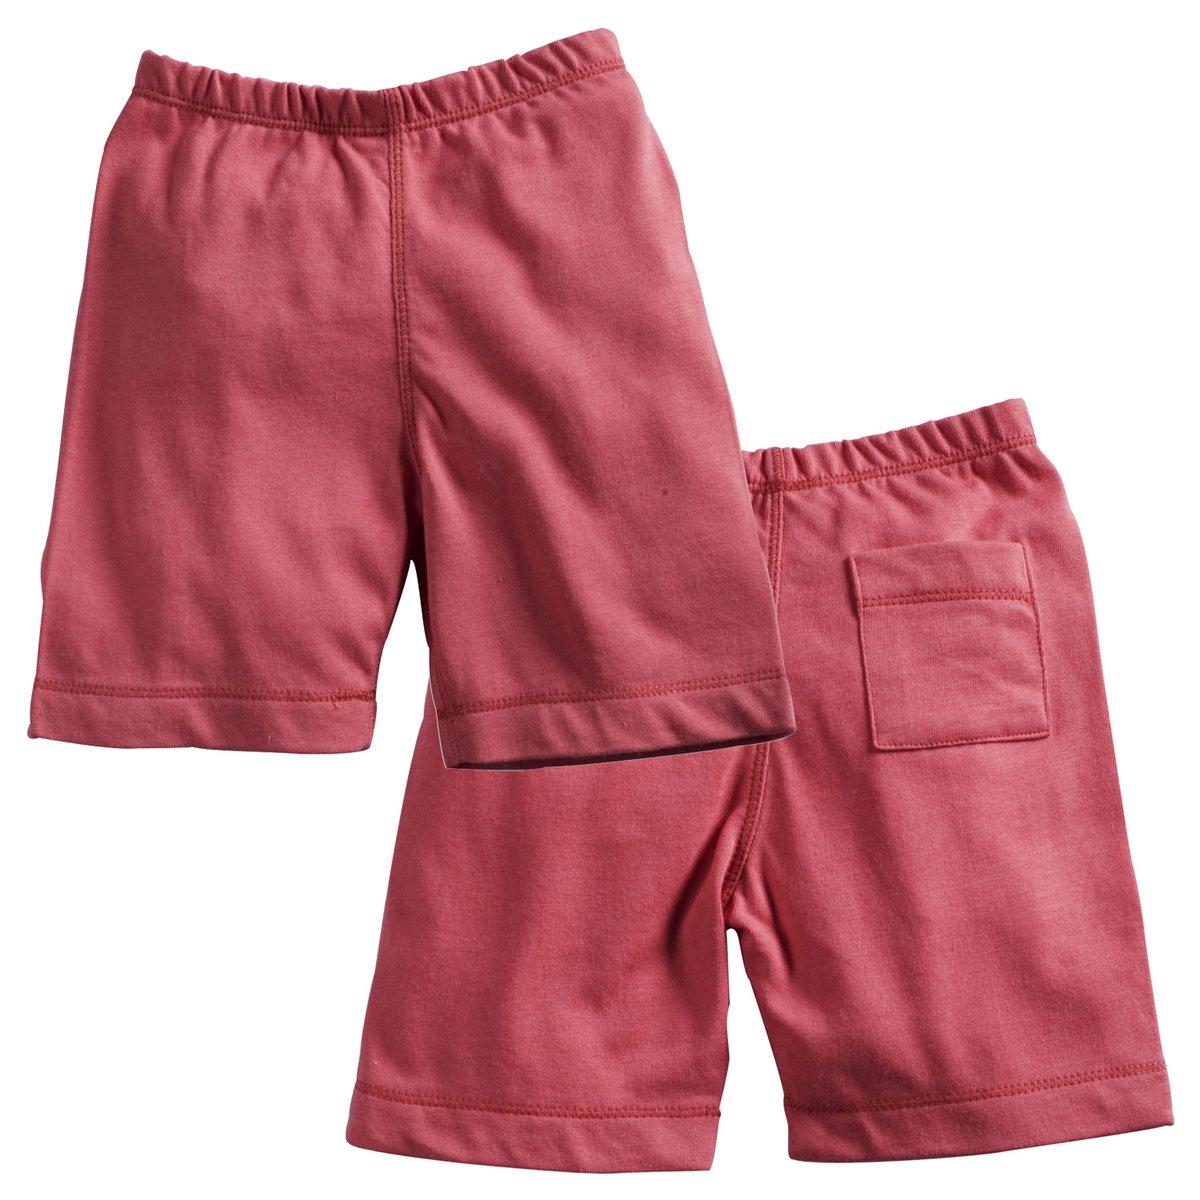 Babysoy Comfy Basic Play Wear Shorts 230